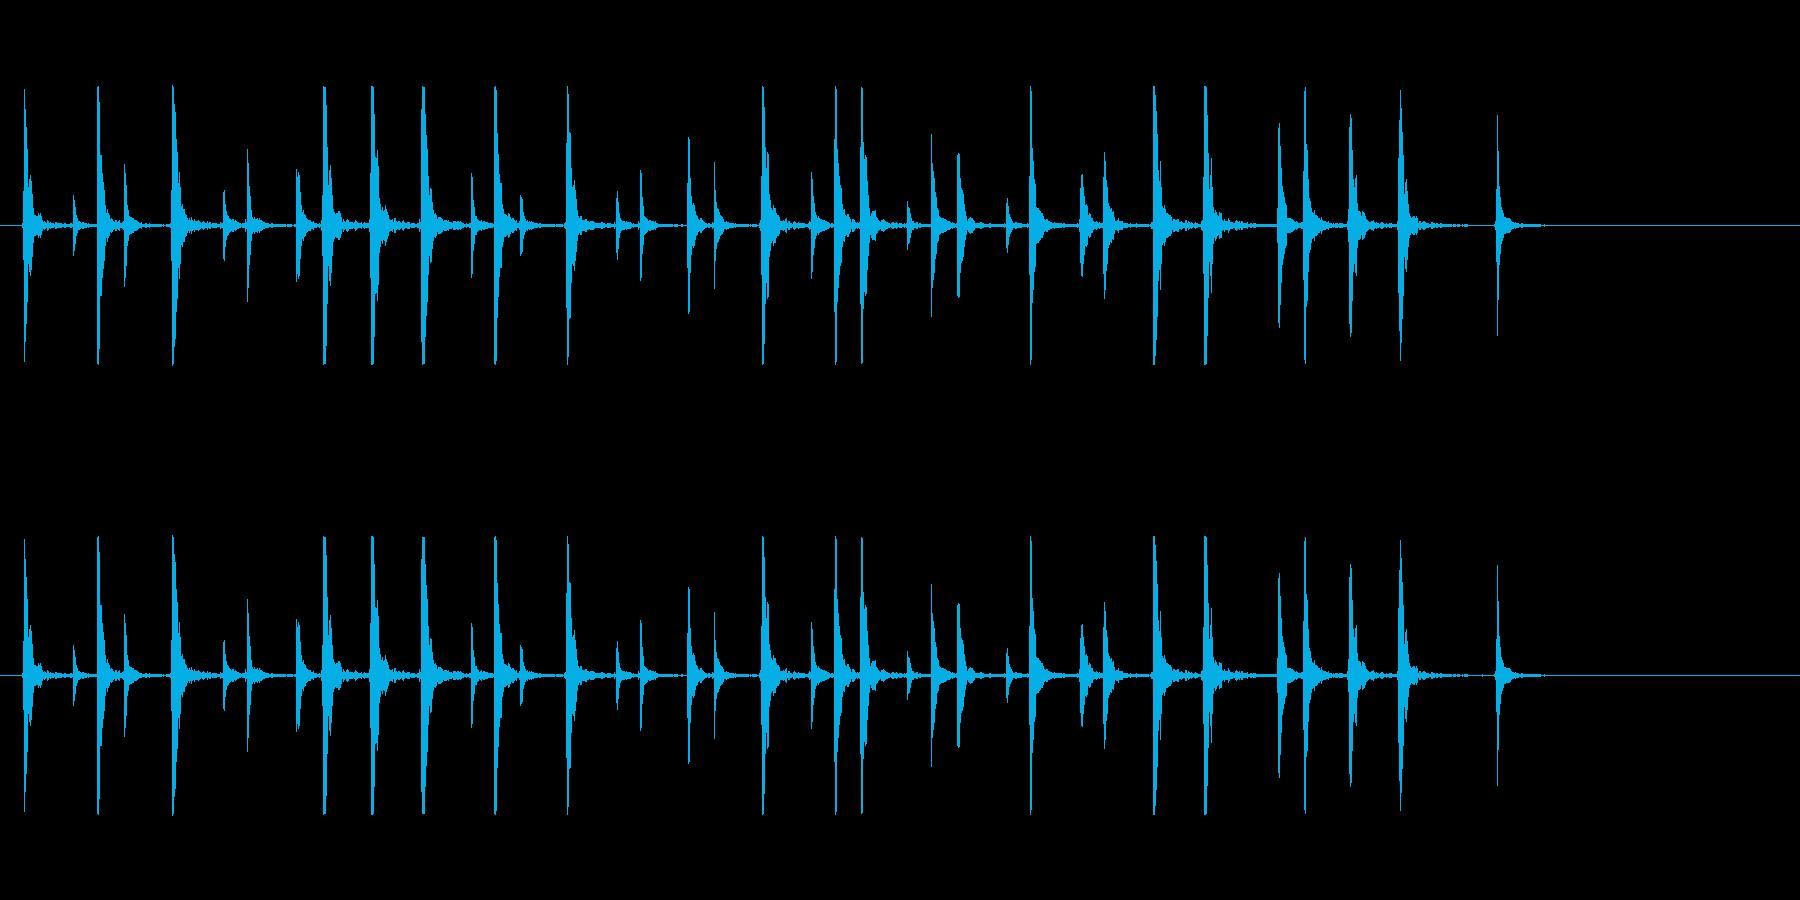 鼓7コミカル一調2和風歌舞伎アジアンイヨの再生済みの波形